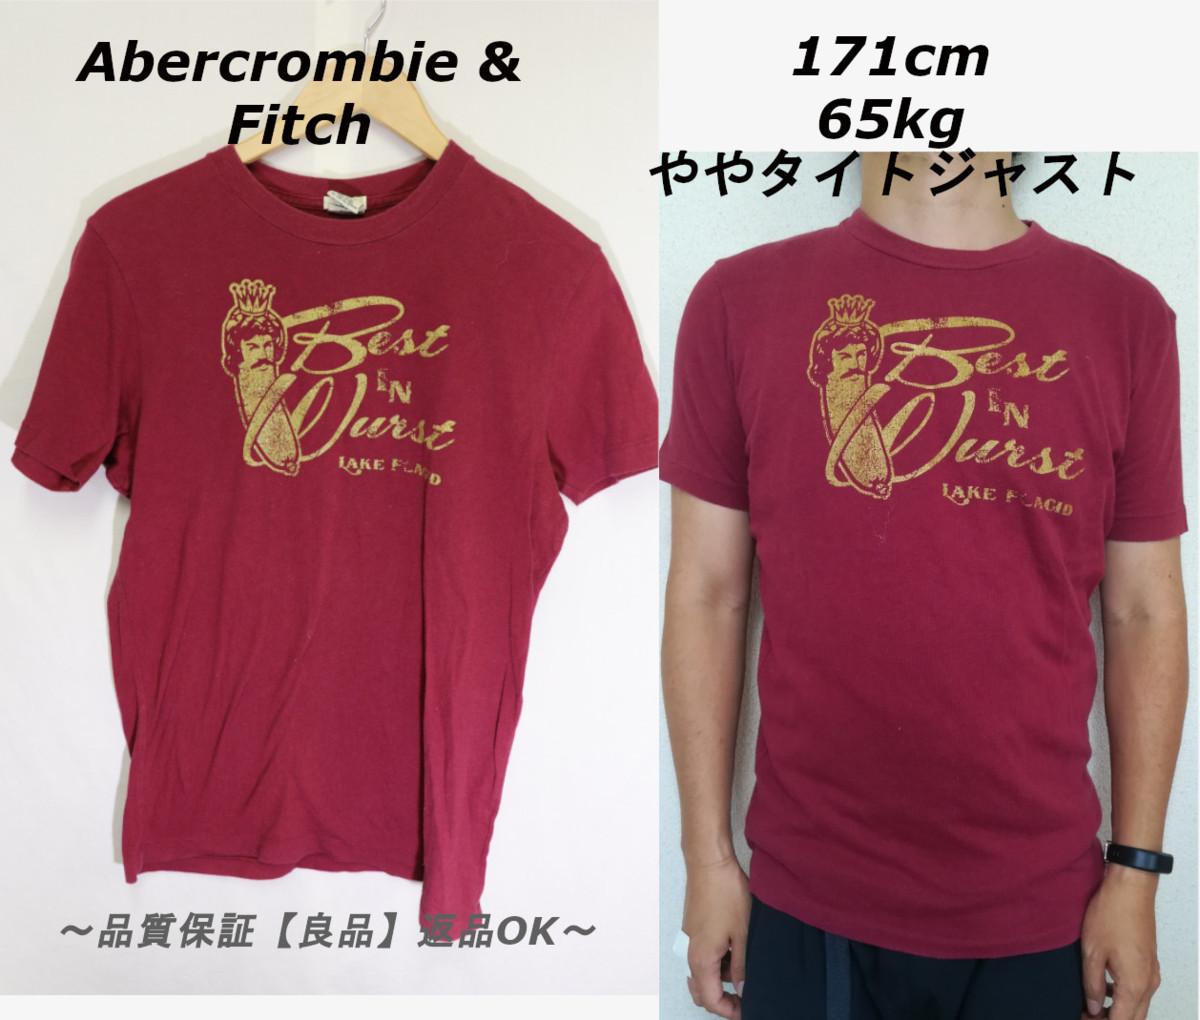 【メンズ】アバクロンビー&フィッチBEST Tシャツ/USAブランドアメカジ老舗カッコいいゴールド!!S_画像1